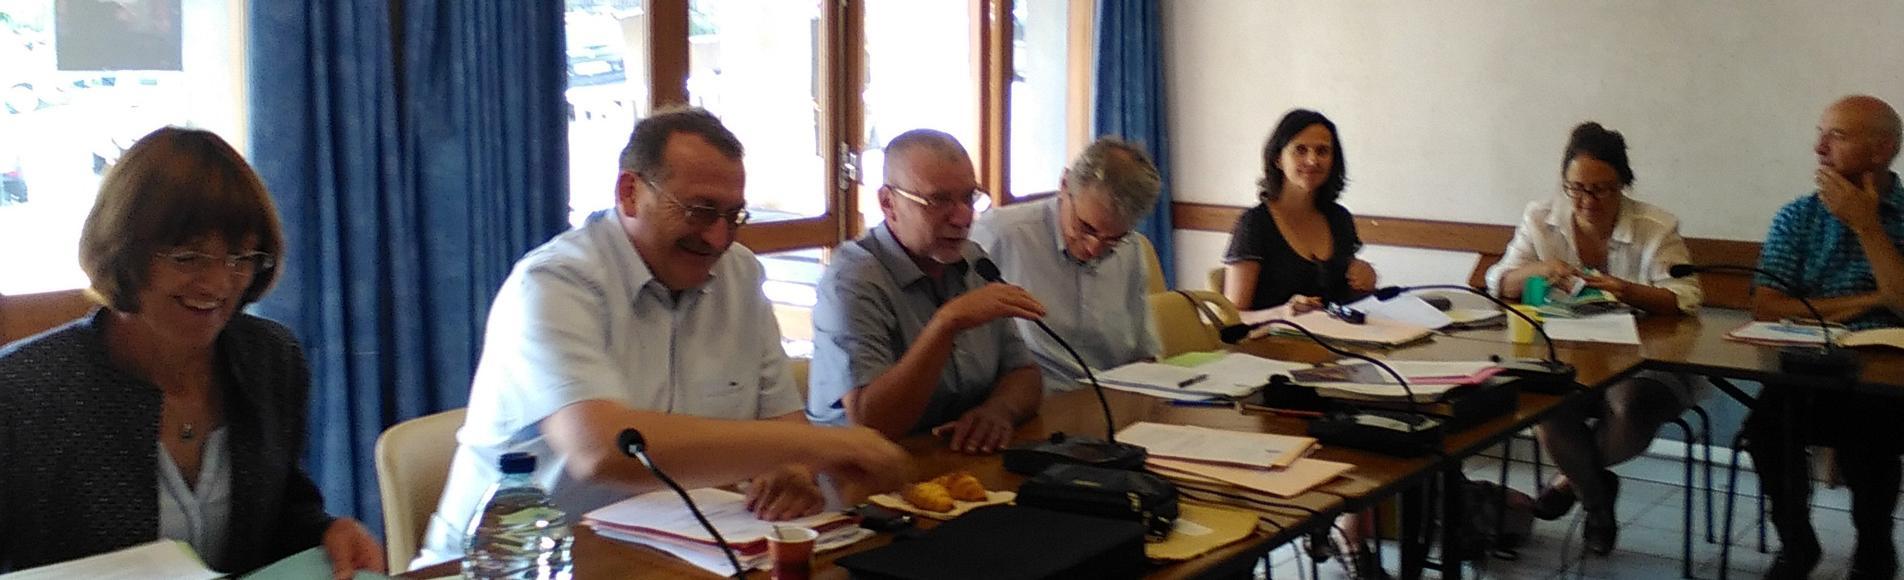 conseil d'administration du Parc national des Ecrins - 3 juillet 2015 à Saint-Léger les Mélèzes -